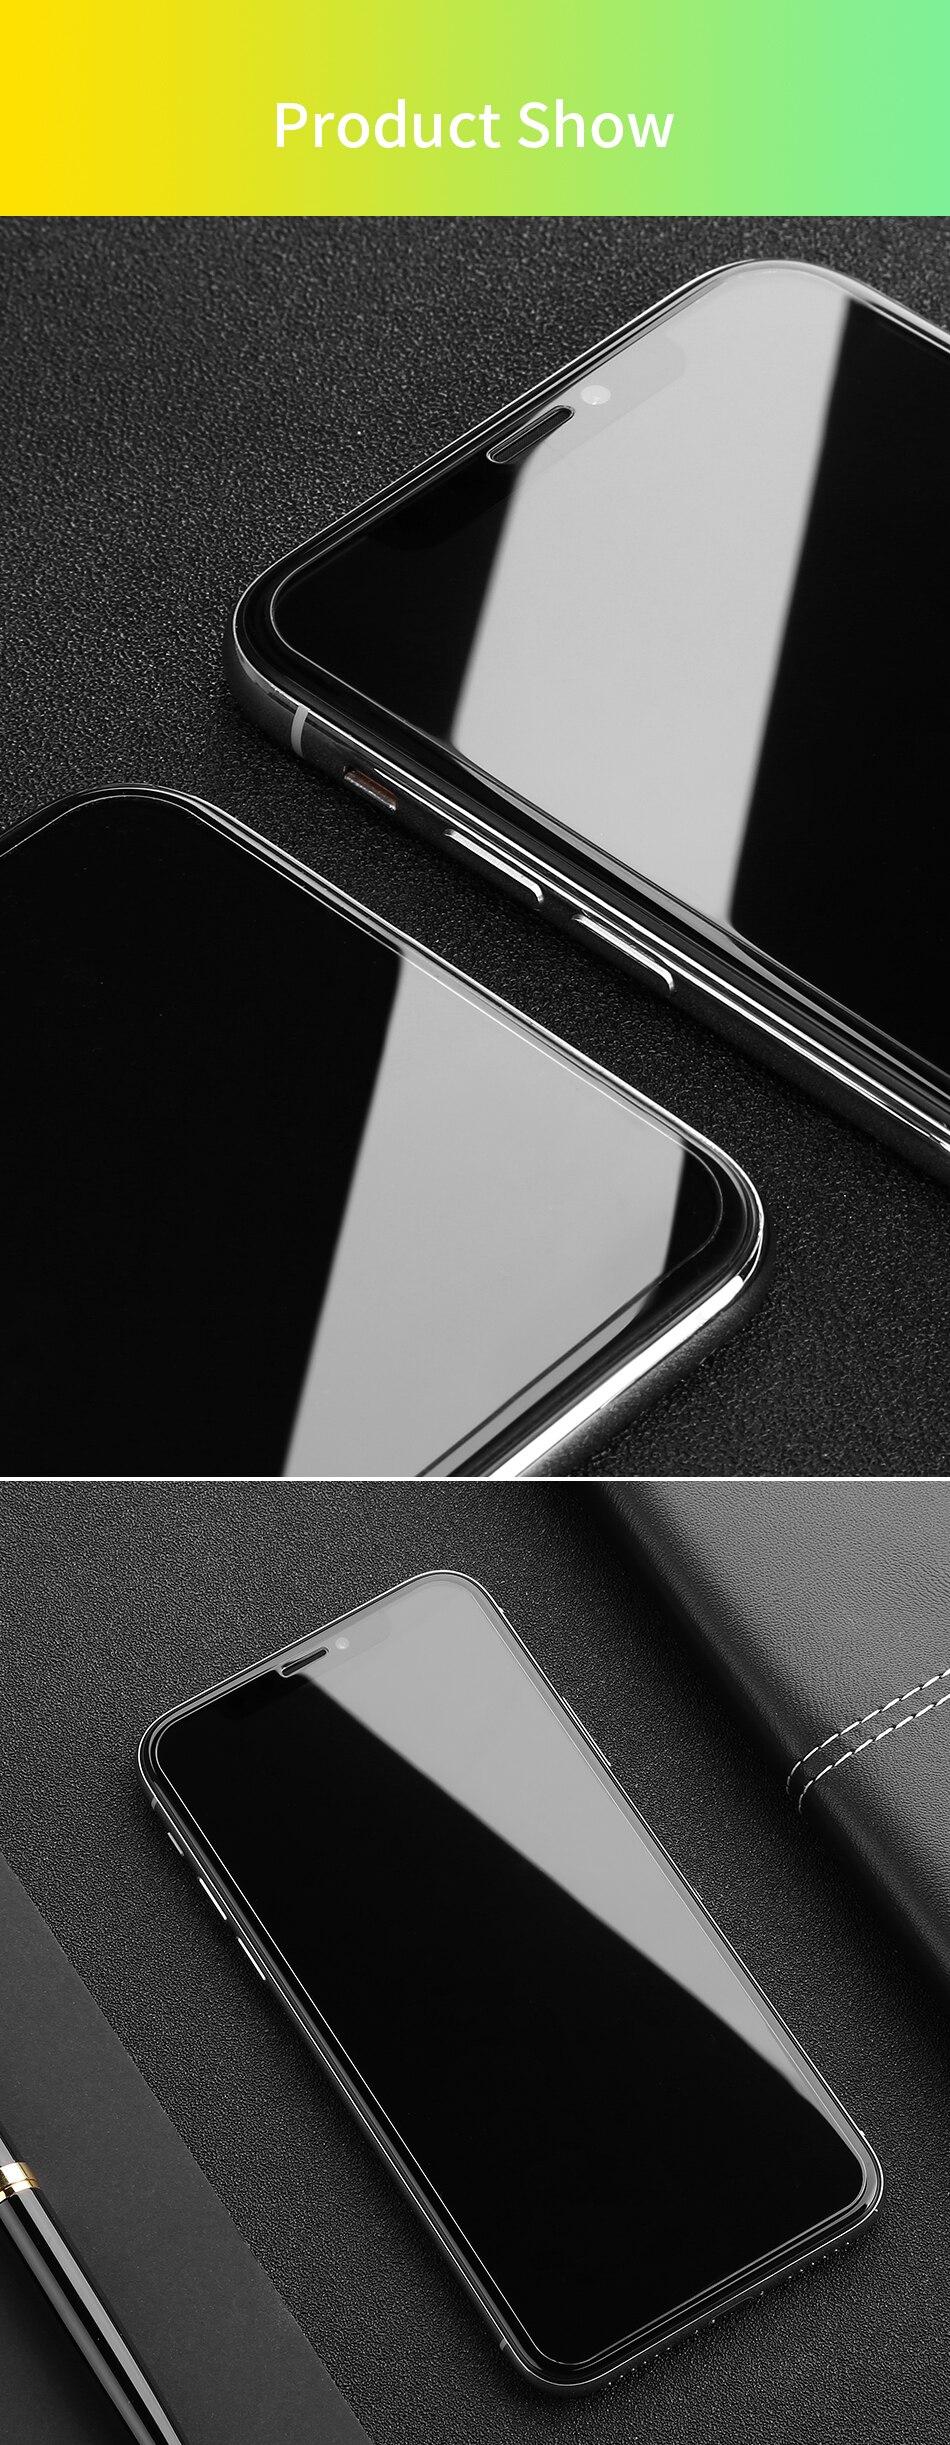 iPhoneX_15